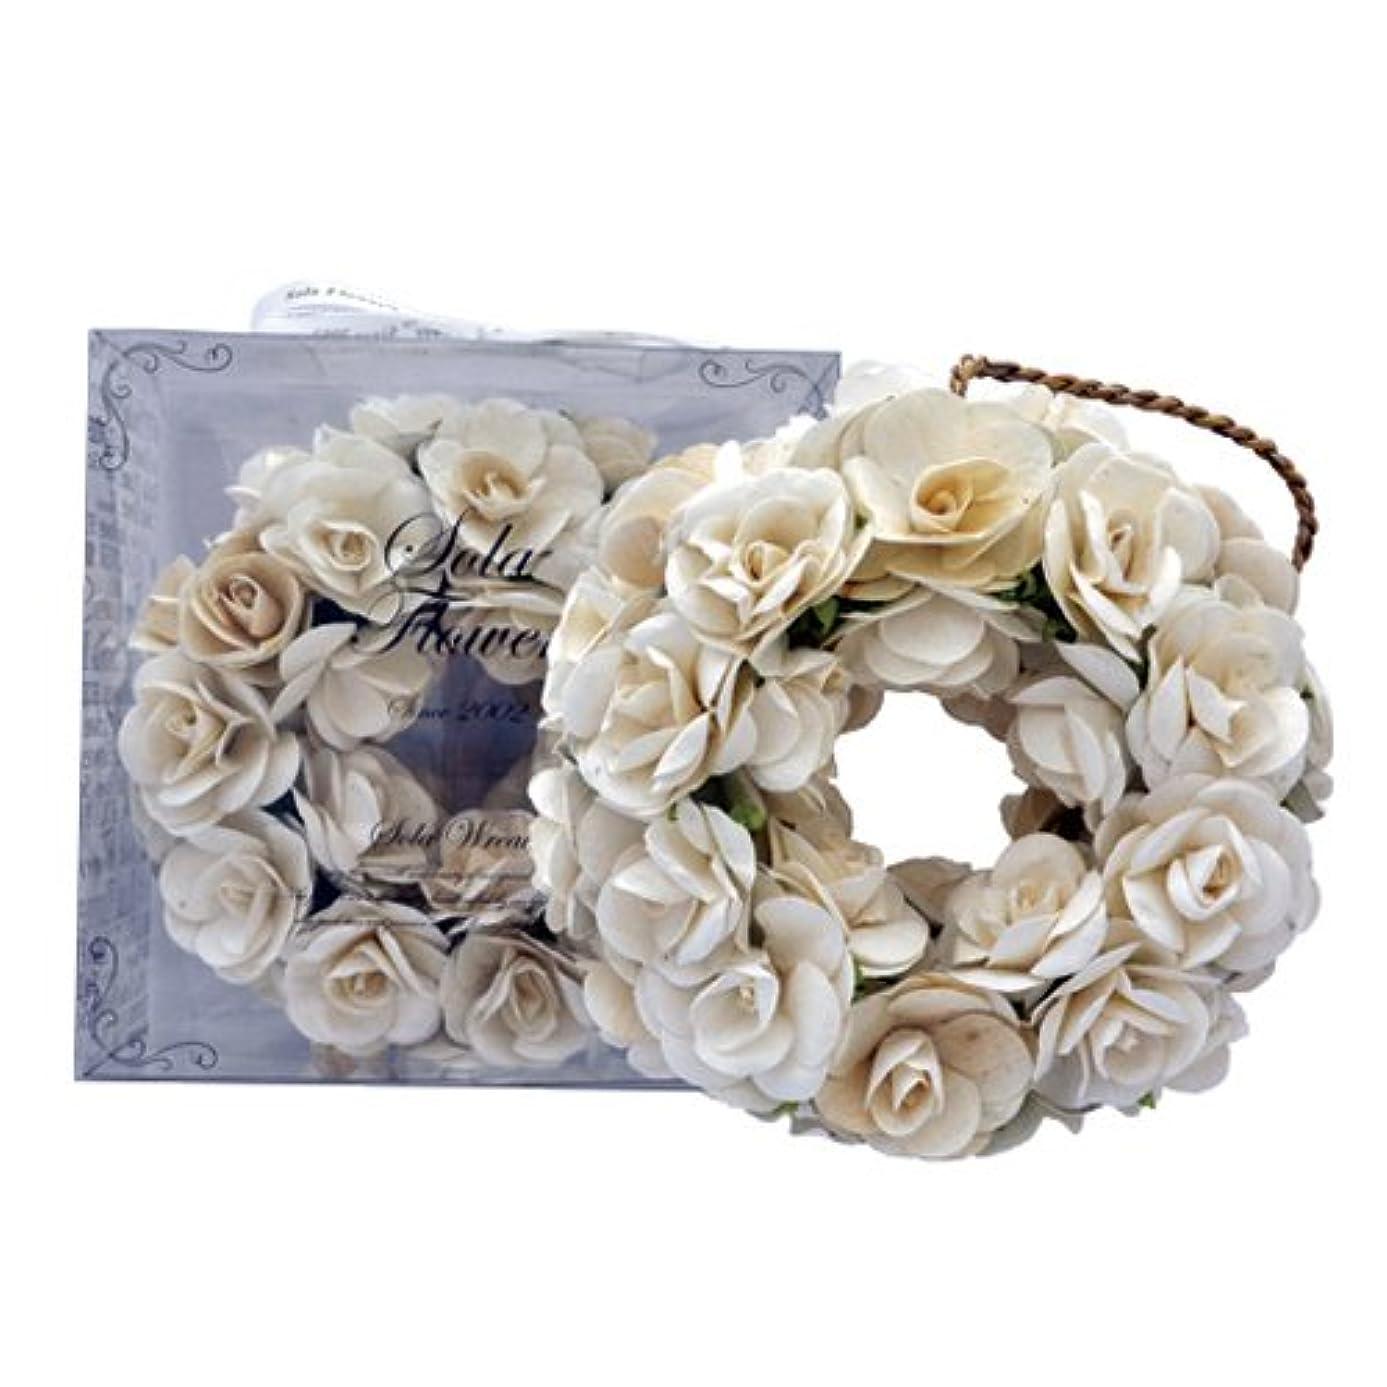 new Sola Flower ソラフラワー リース Original Rose オリジナルローズ Wreath